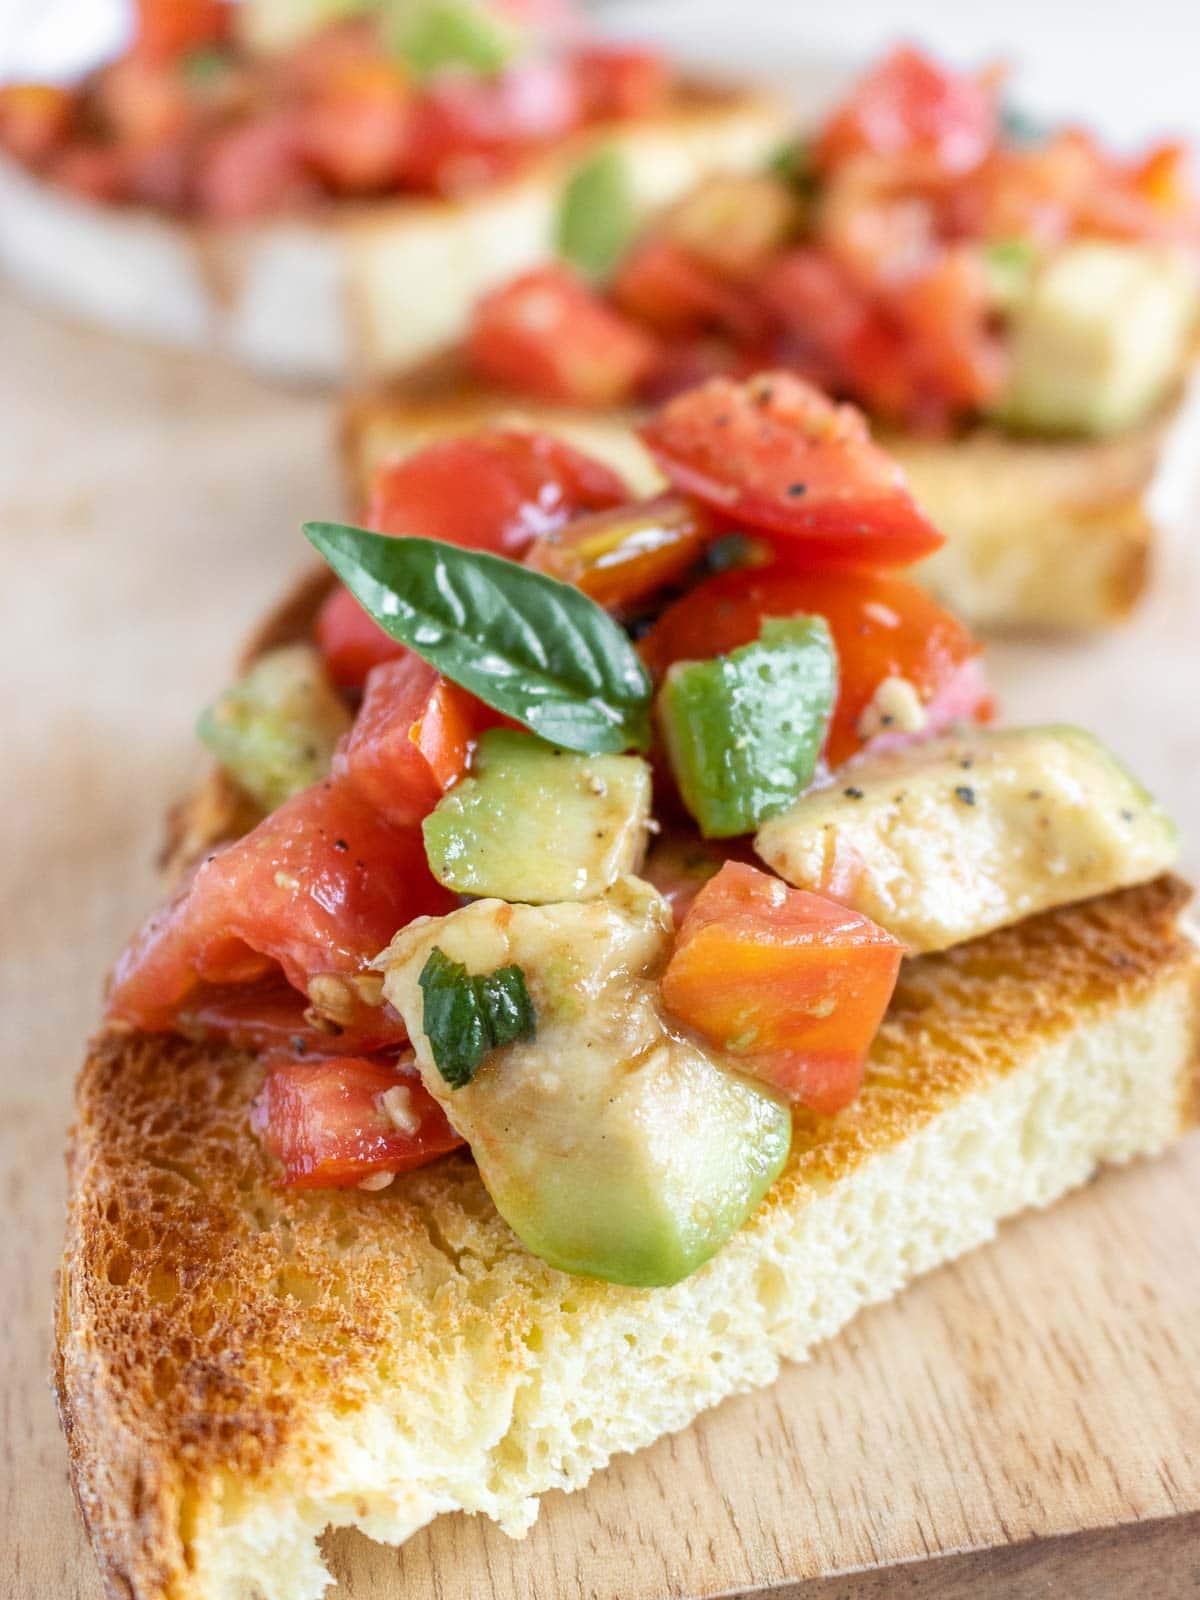 tomato bruschetta with avocado